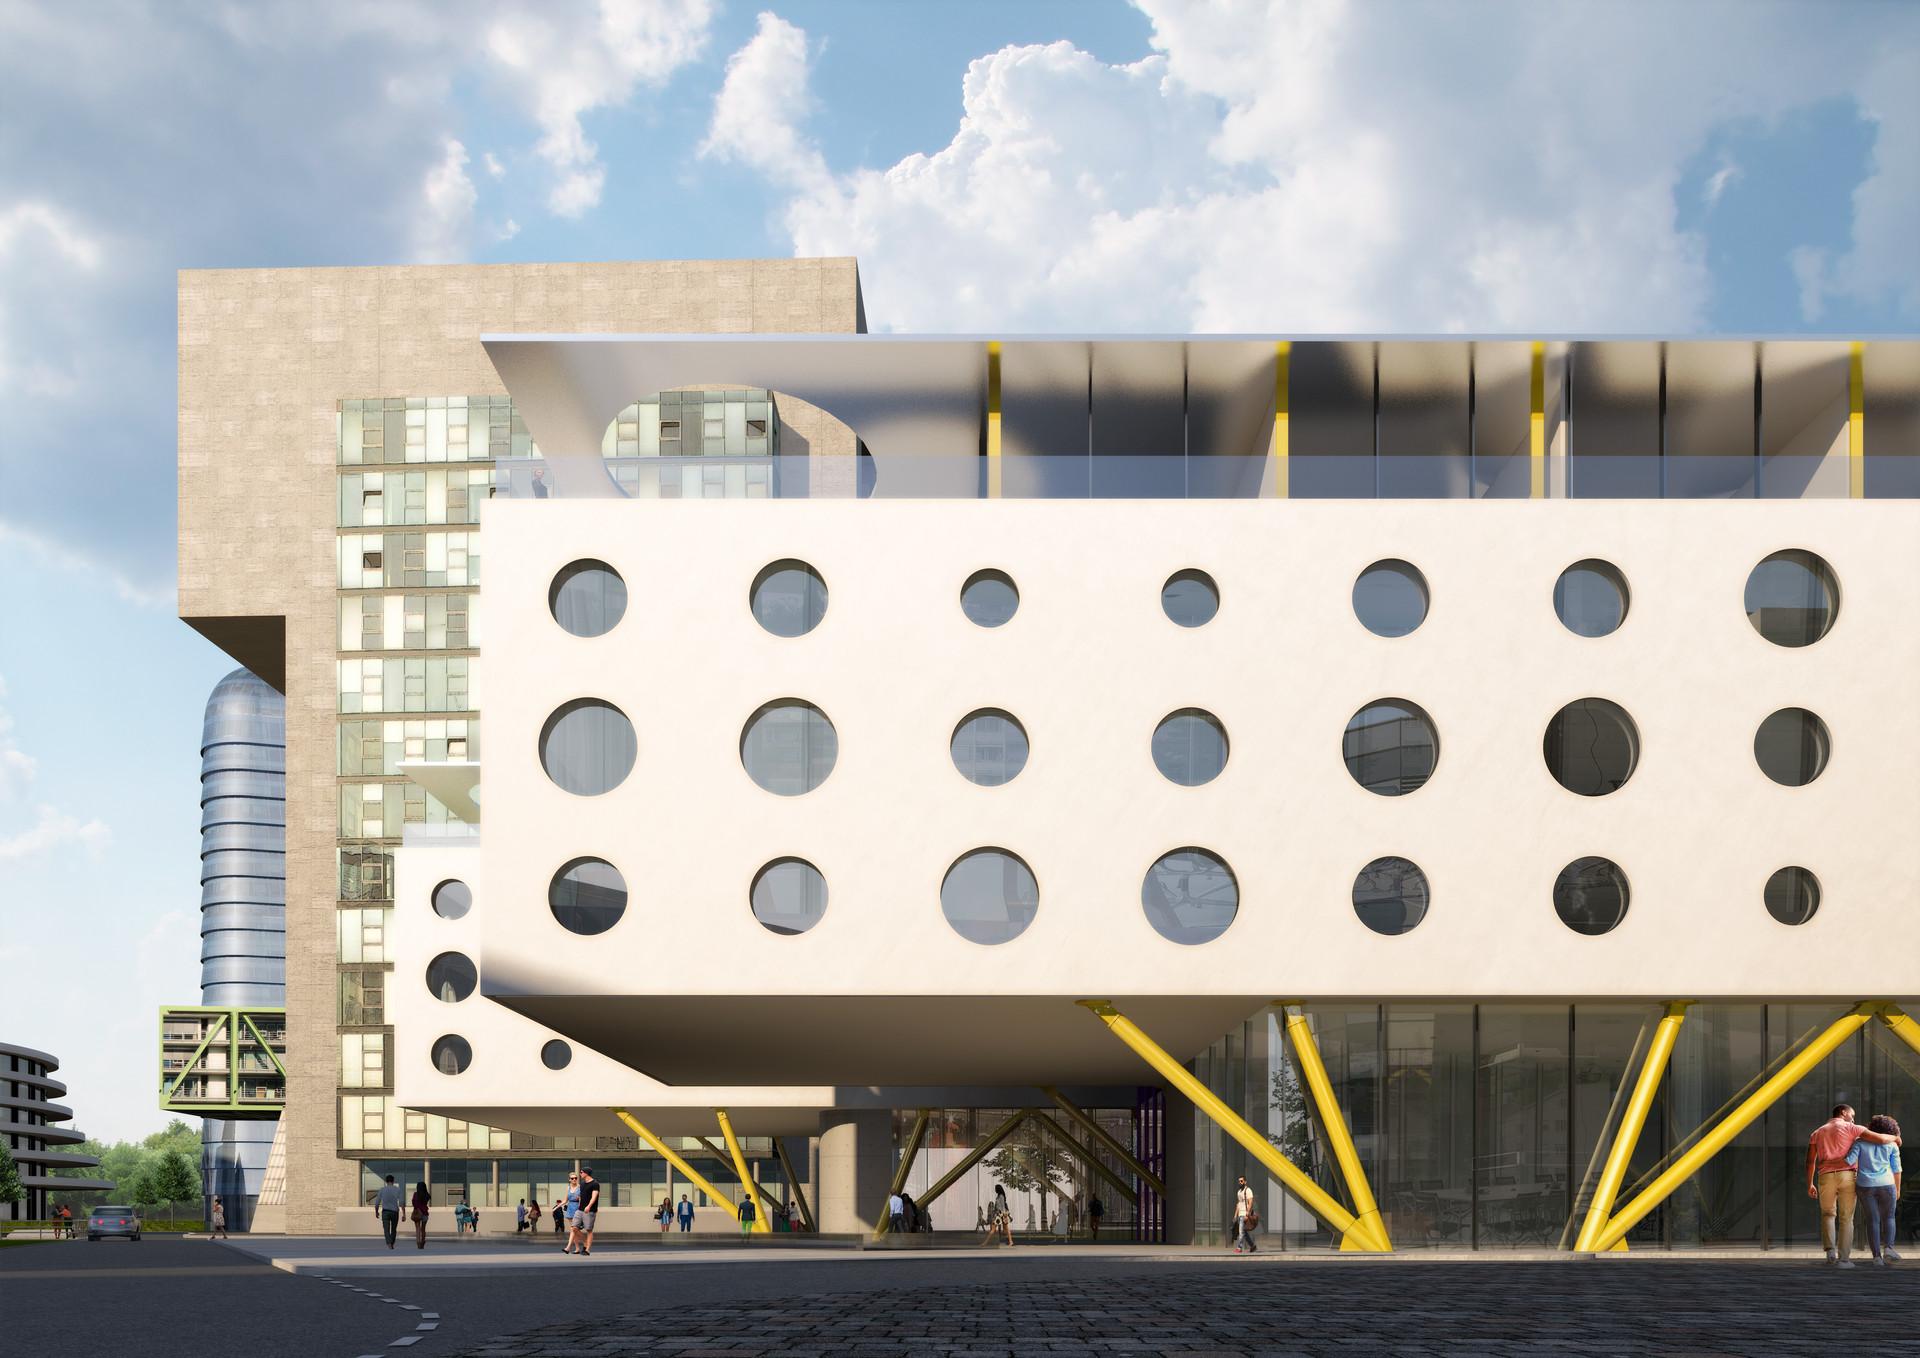 JAZ Hotel Fassade | Ben Dieckmann architects